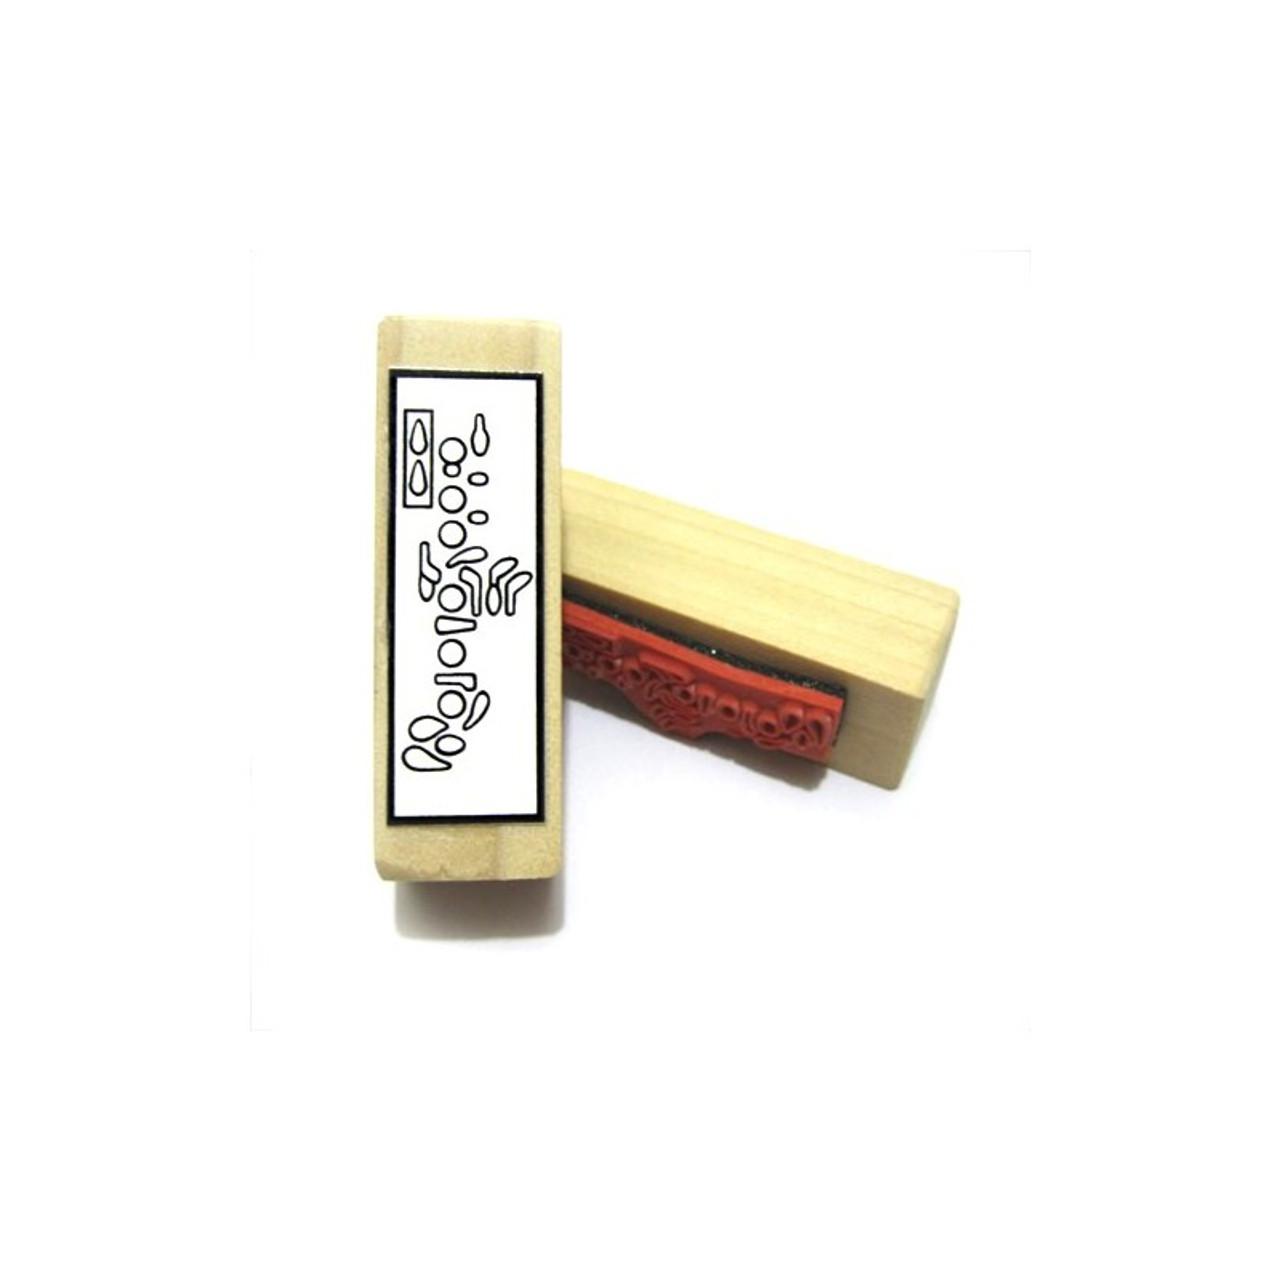 Oboe Fingering Rubber Stamp